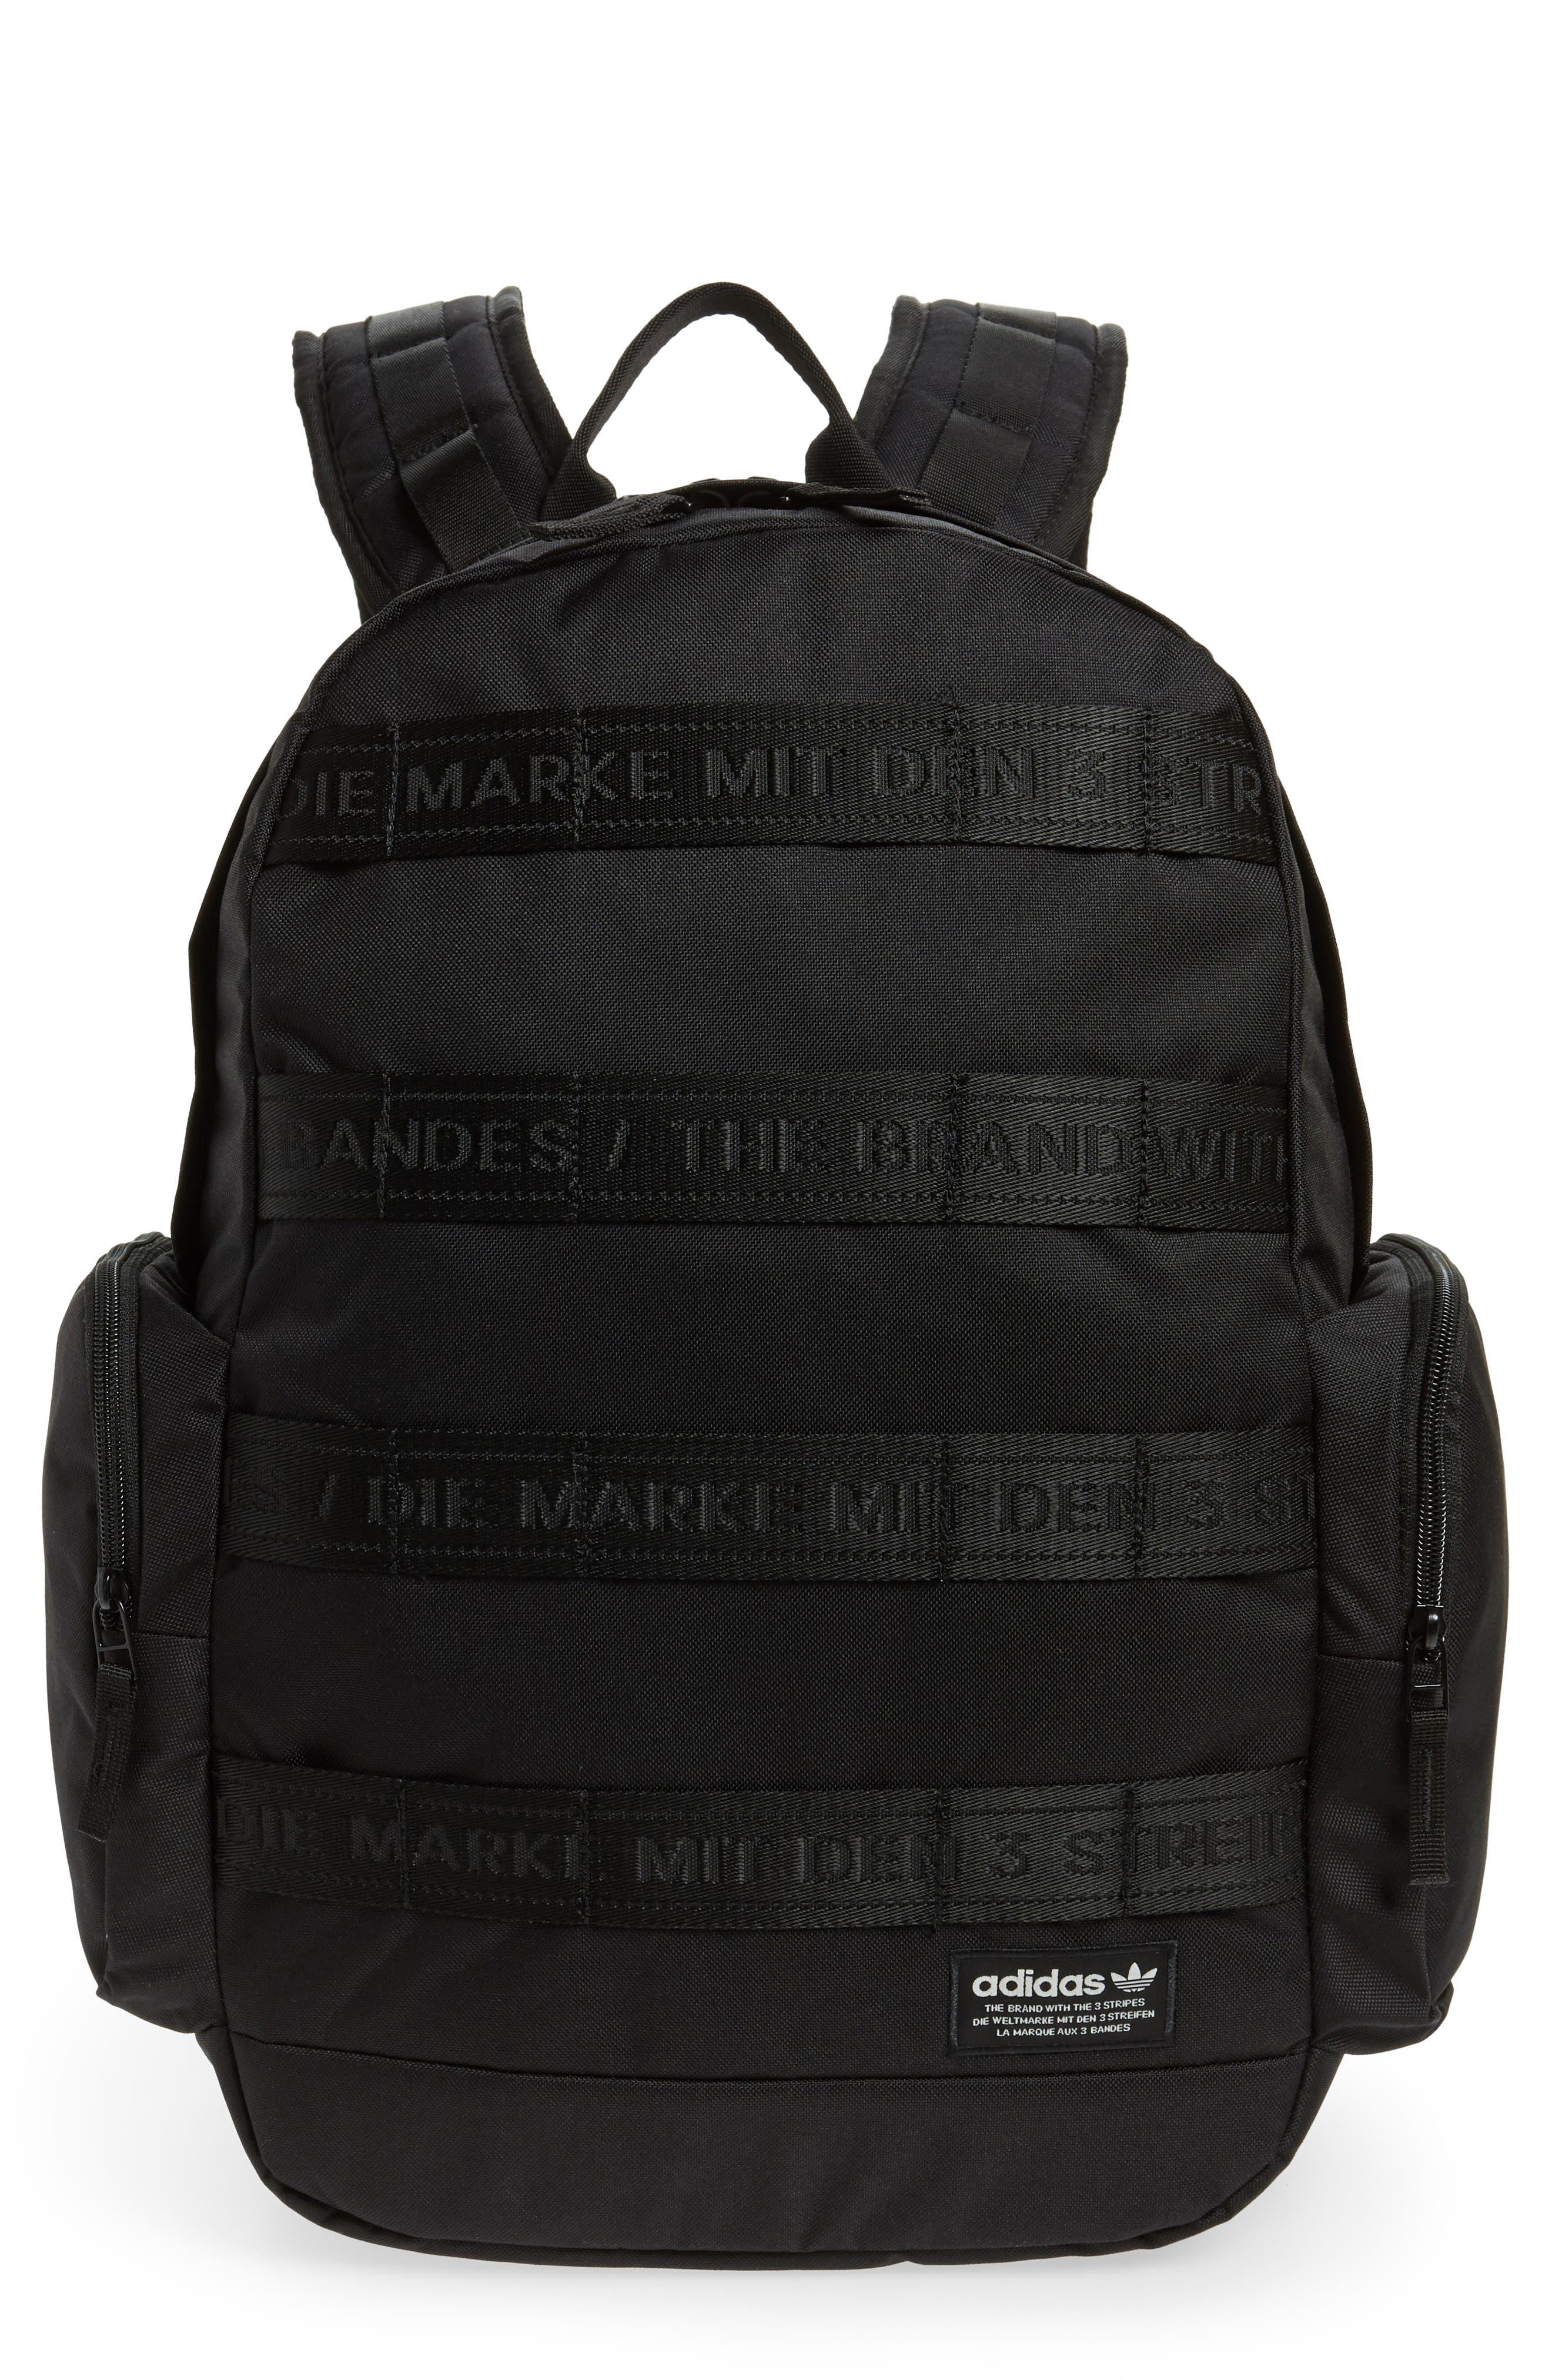 Create III Backpack,                         Main,                         color, BLACK/ RAW DESERT KHAKI